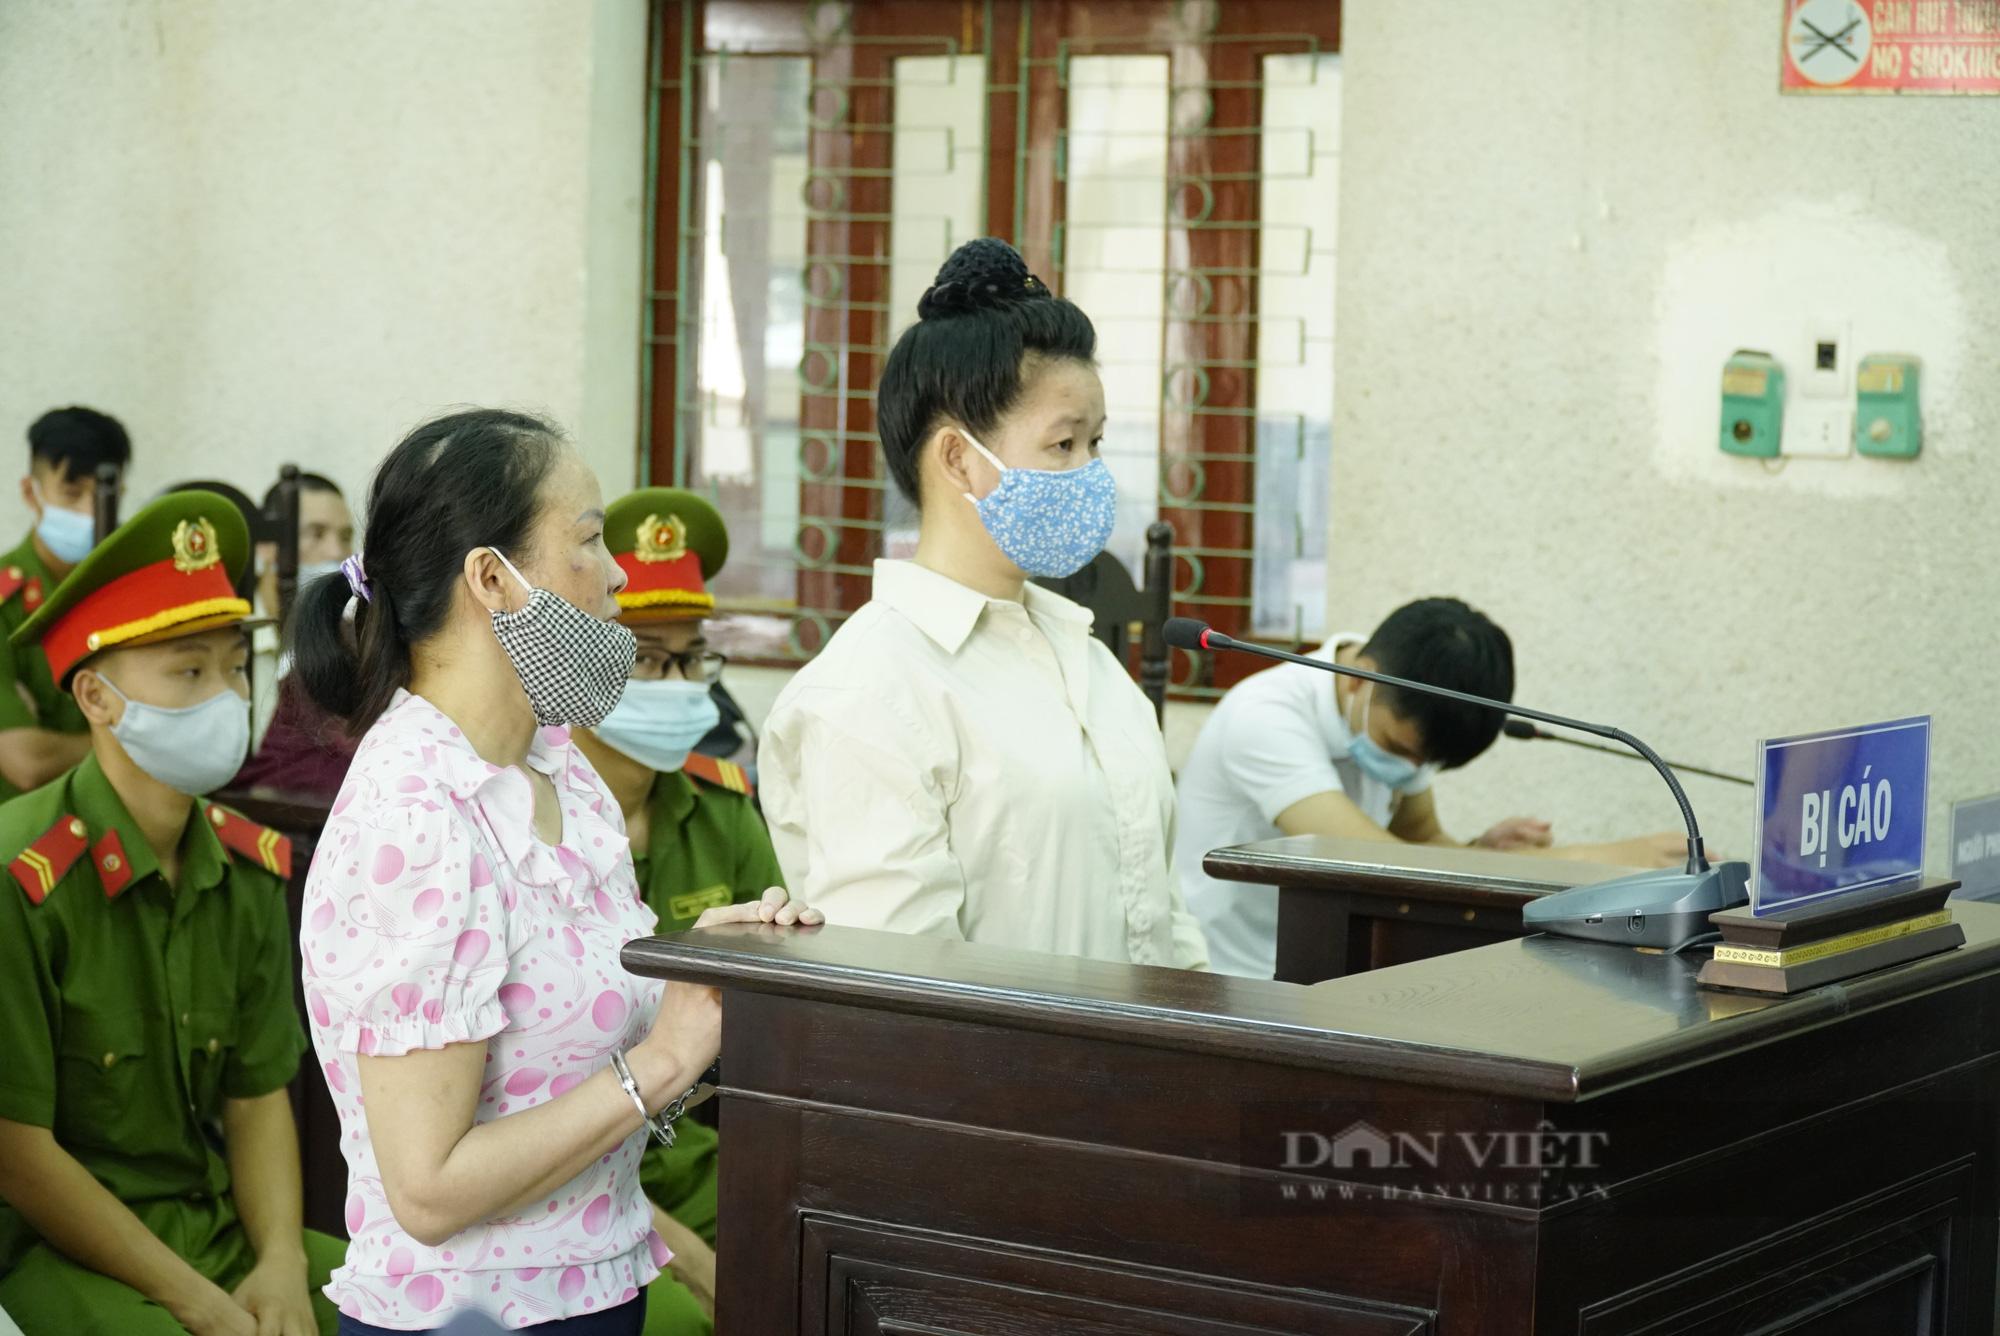 Hoãn phiên tòa phúc thẩm xét xử Trần Thị Hiền, mẹ nữ sinh giao gà - Ảnh 2.